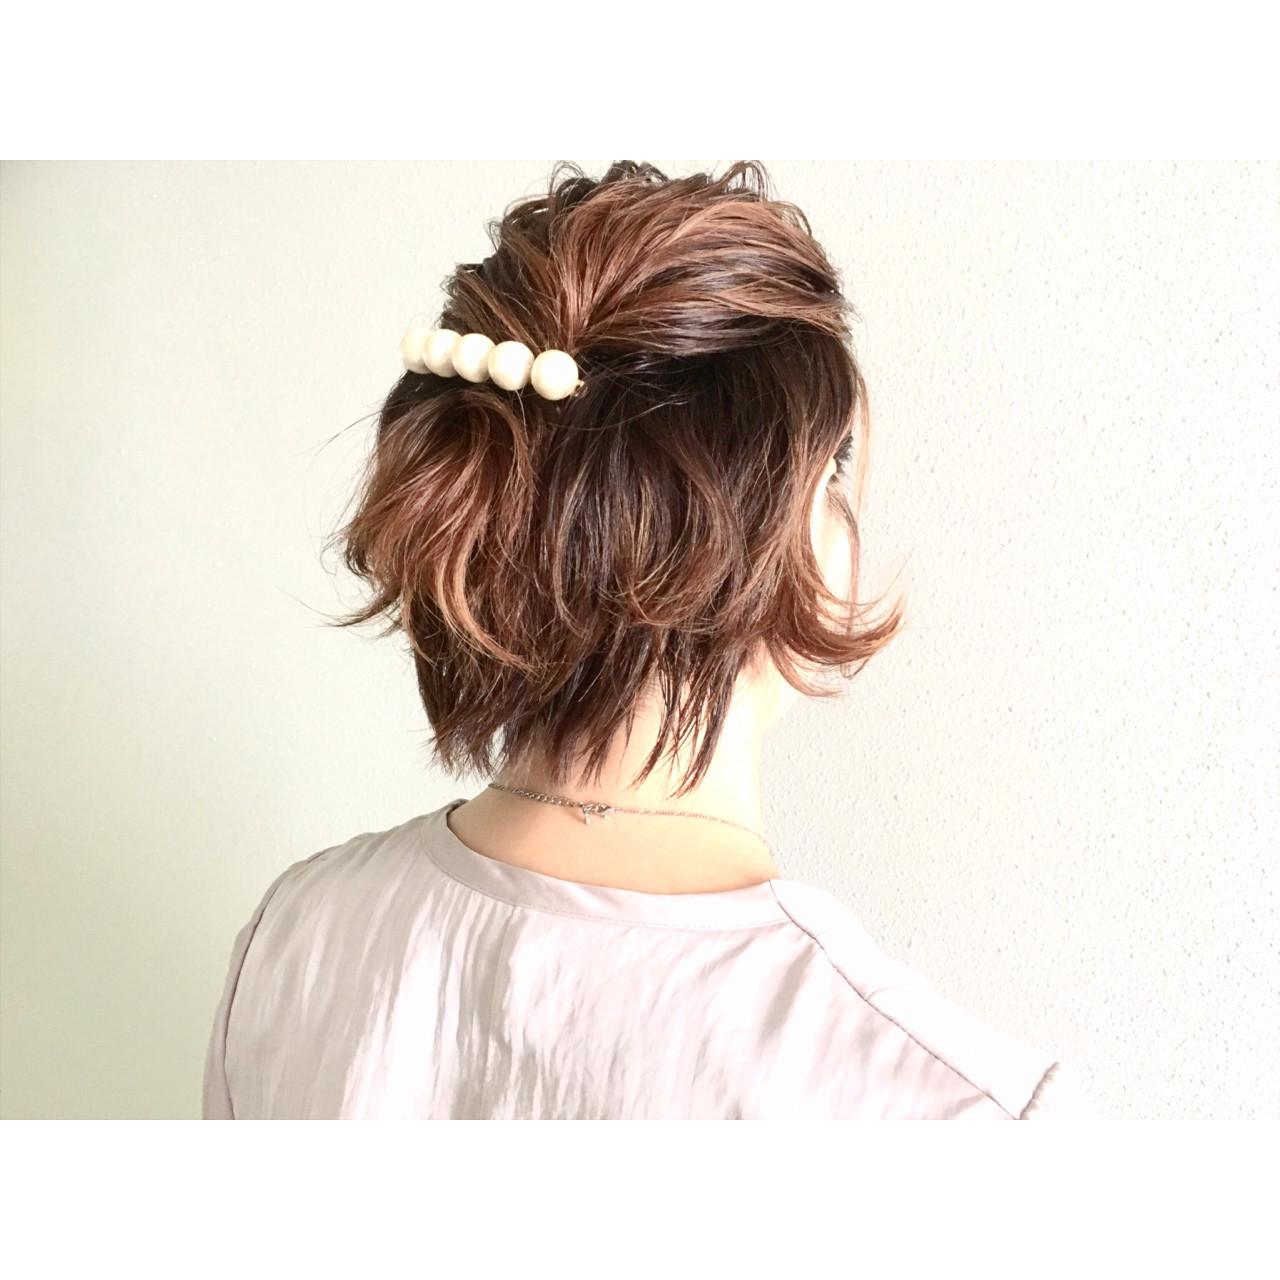 特別な日のスタイリング。意外と簡単にできるショートヘアアレンジ♡ 廣長 毅